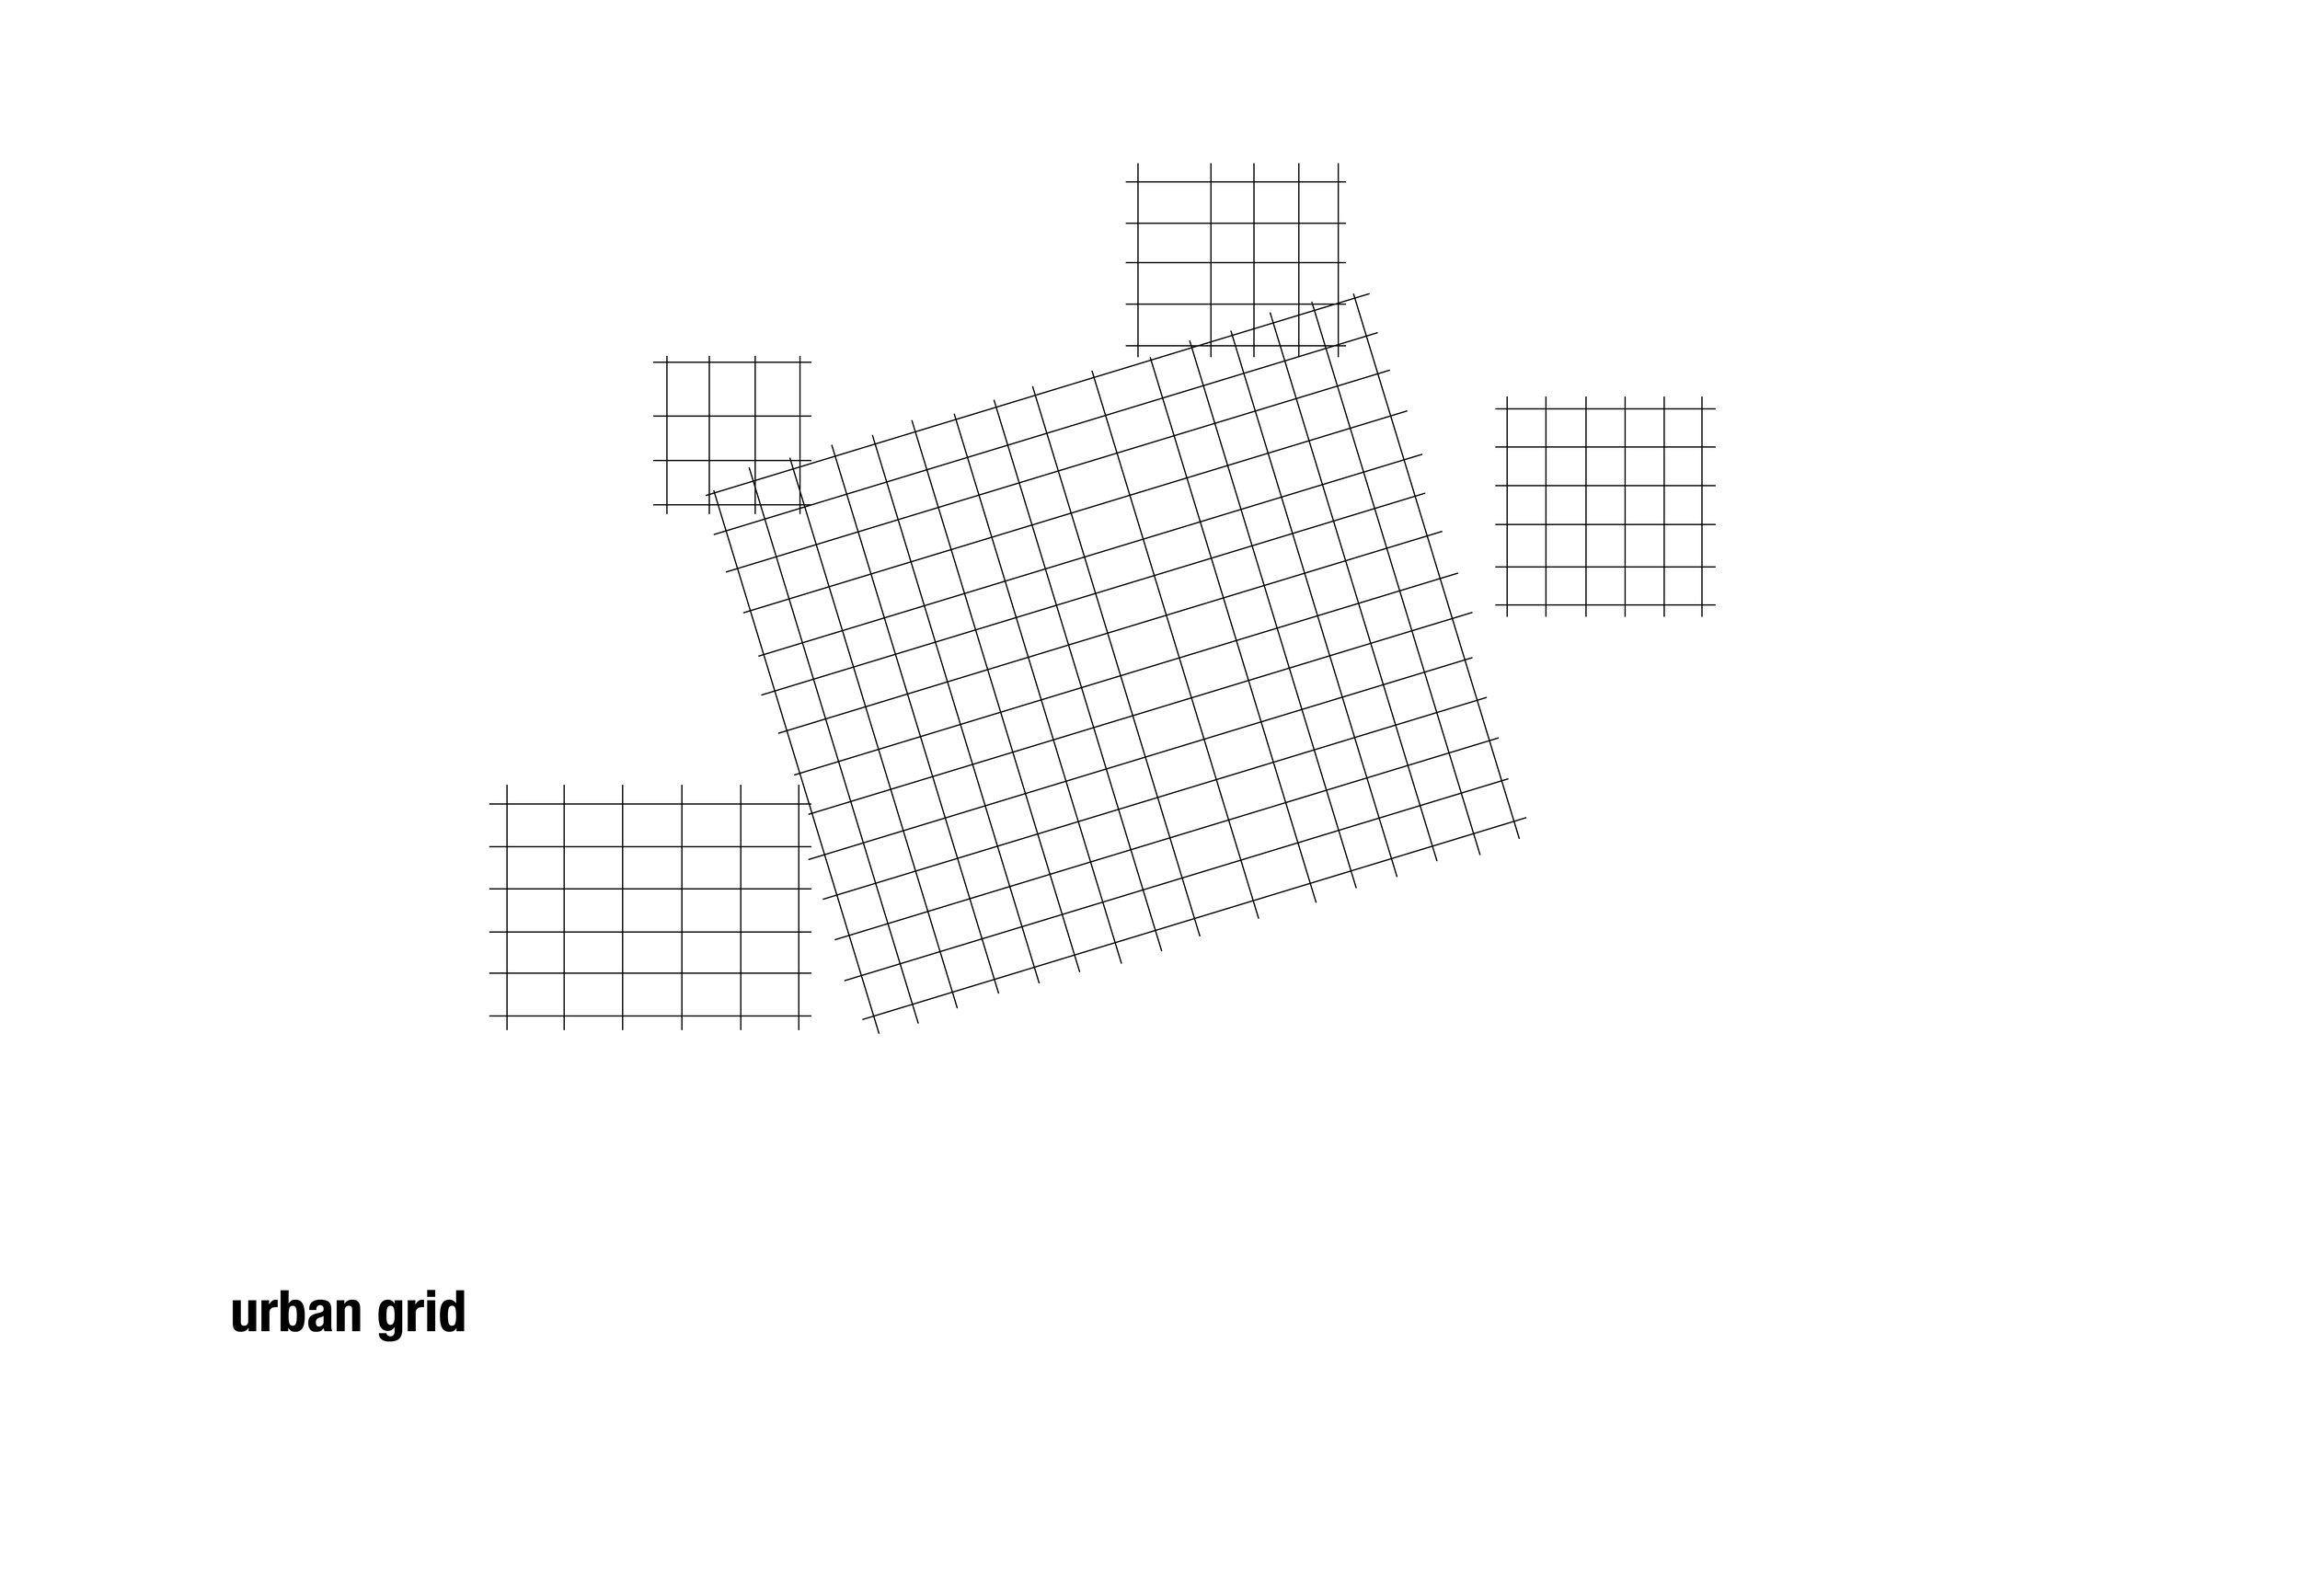 03 urban grid.jpg